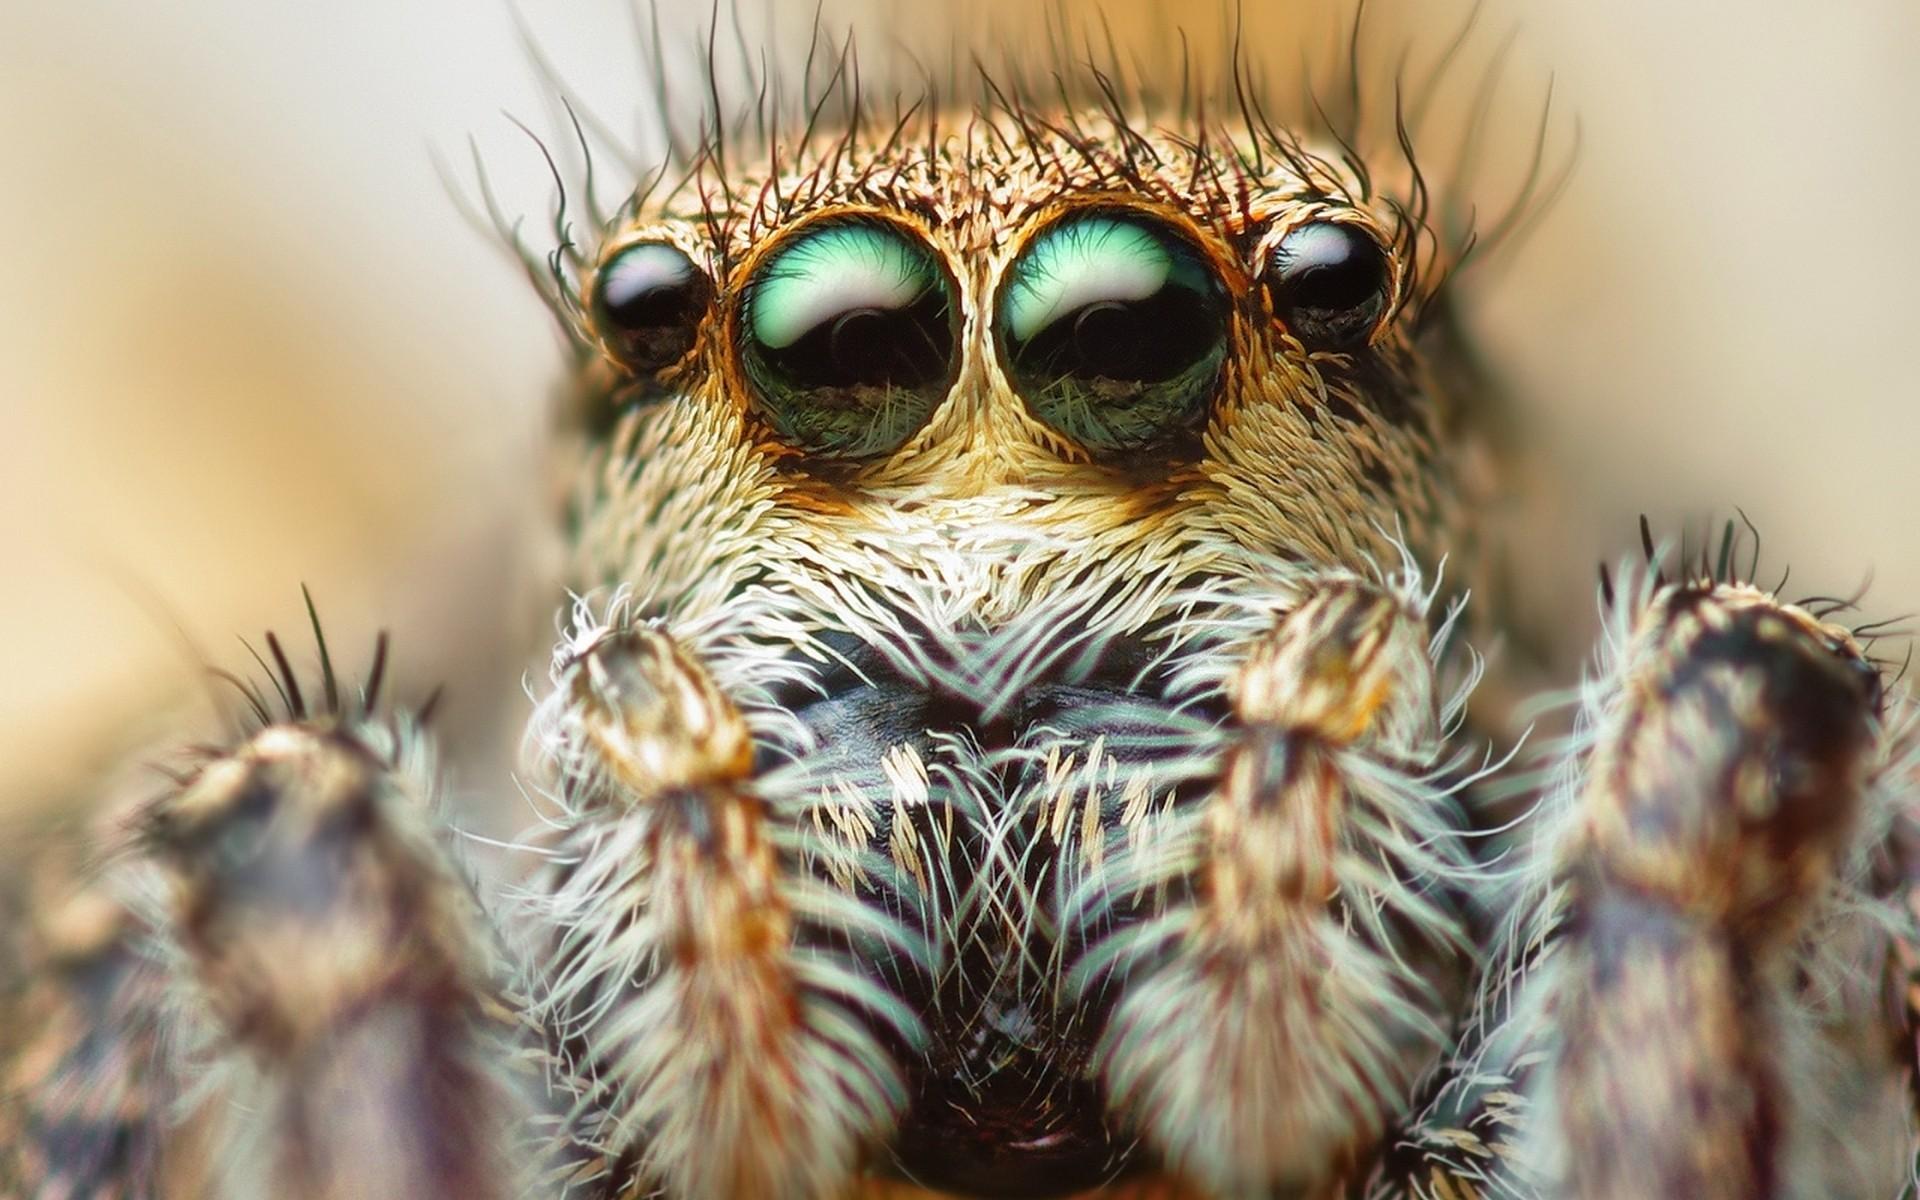 Scary spider wallpaper 65 images - Moving spider desktop ...